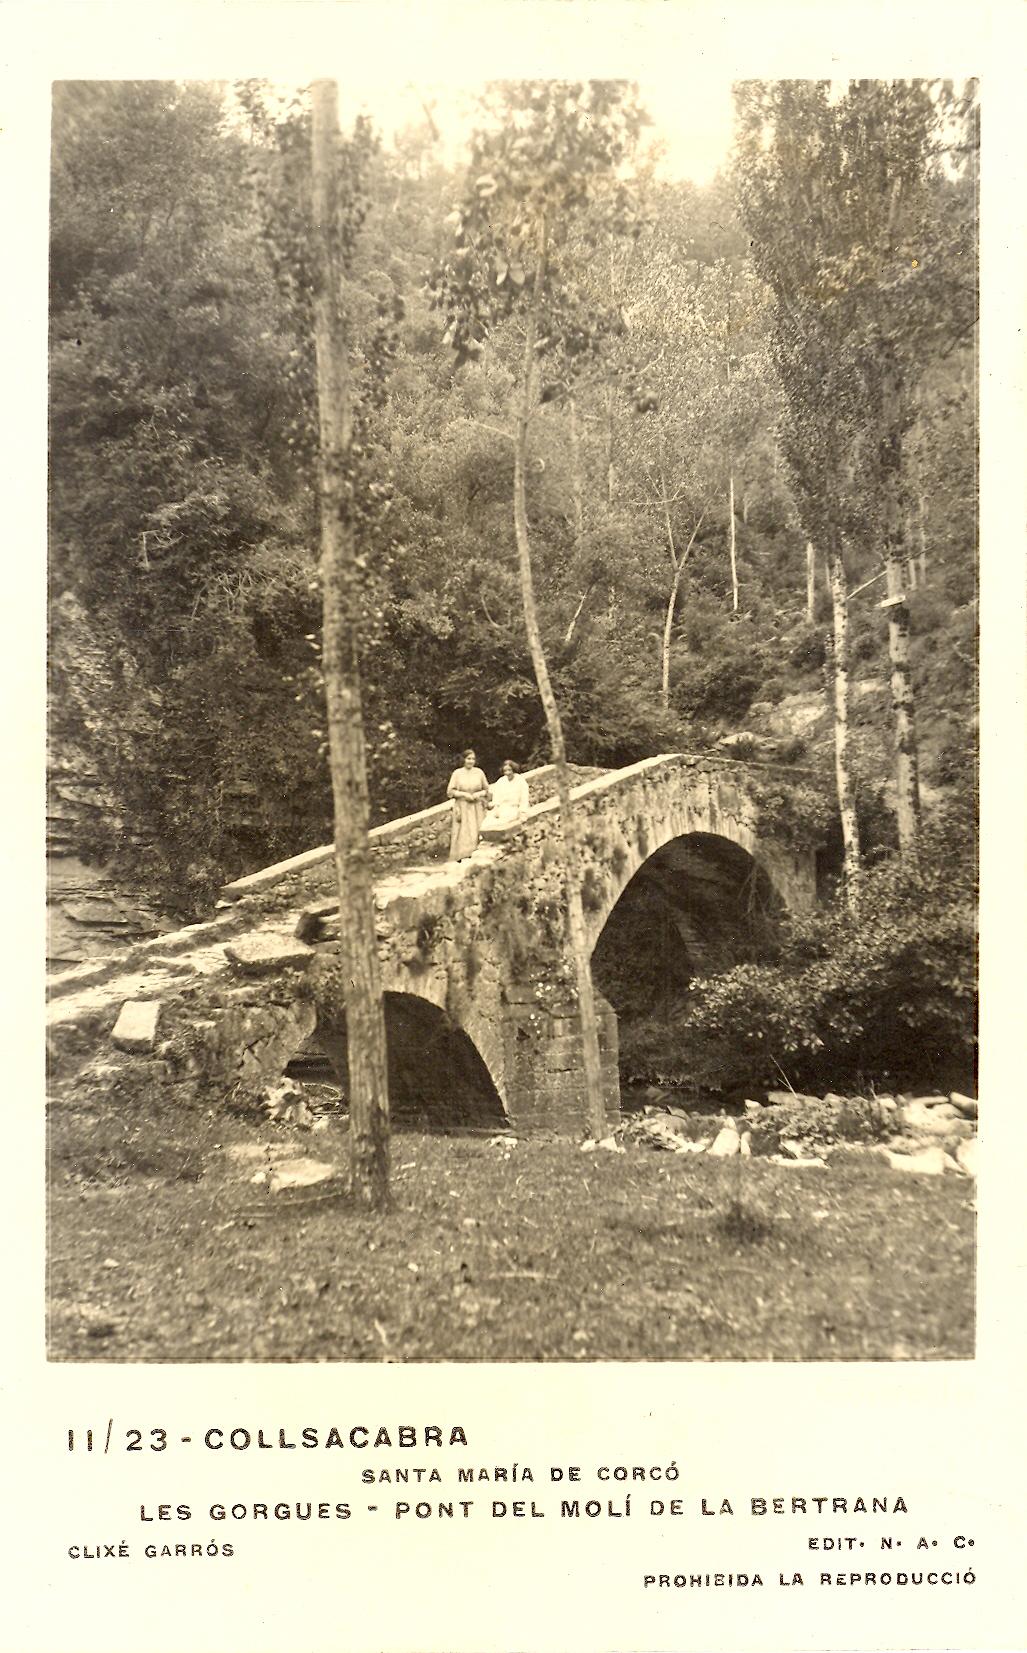 Pont del molí de la Bertrana